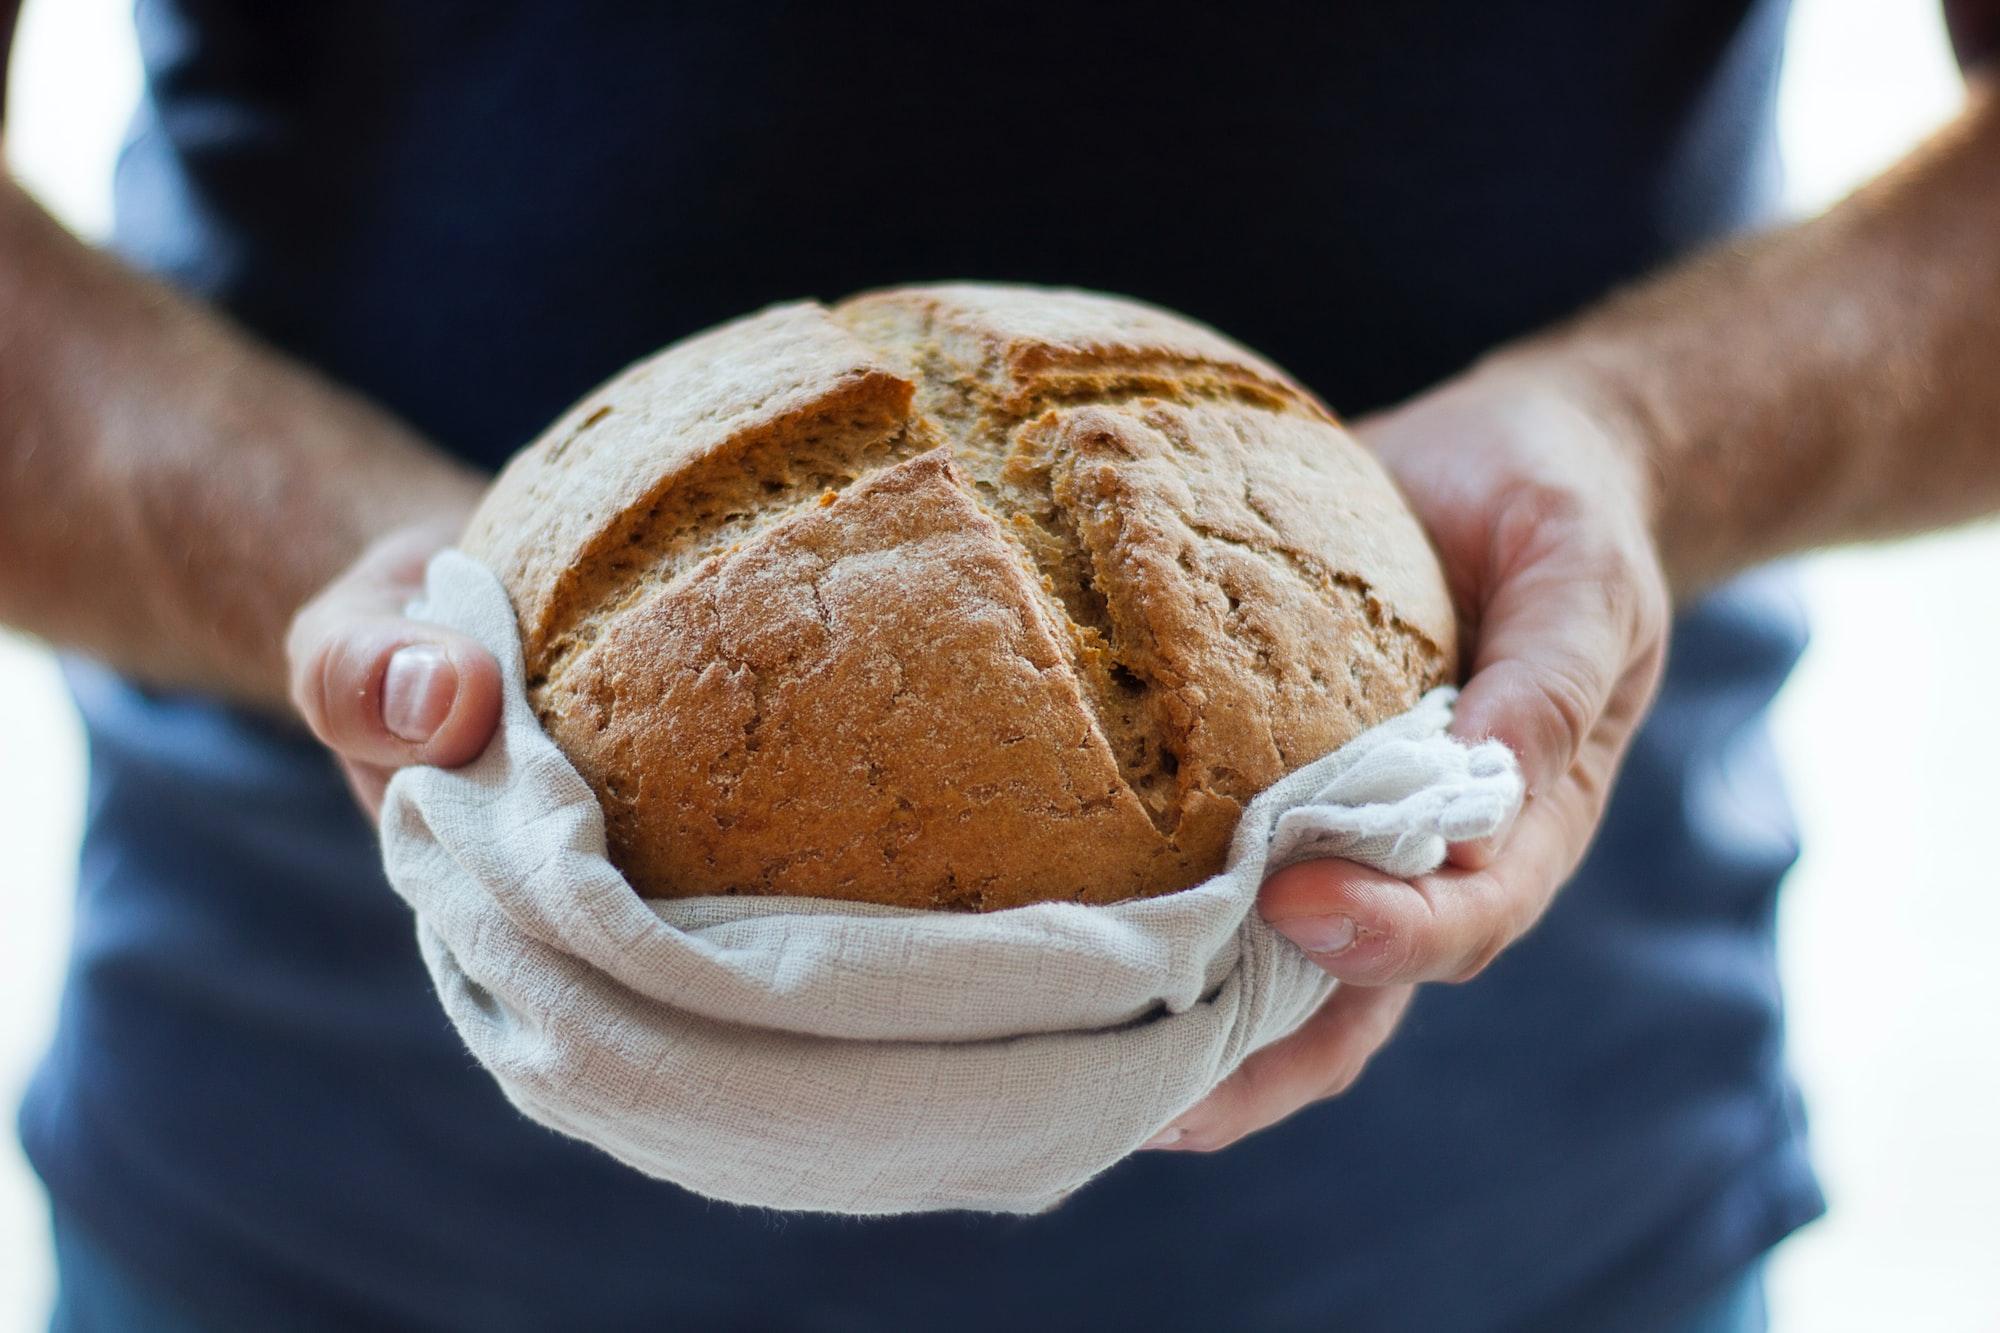 Día mundial del pan. Lo celebramos con pan casero